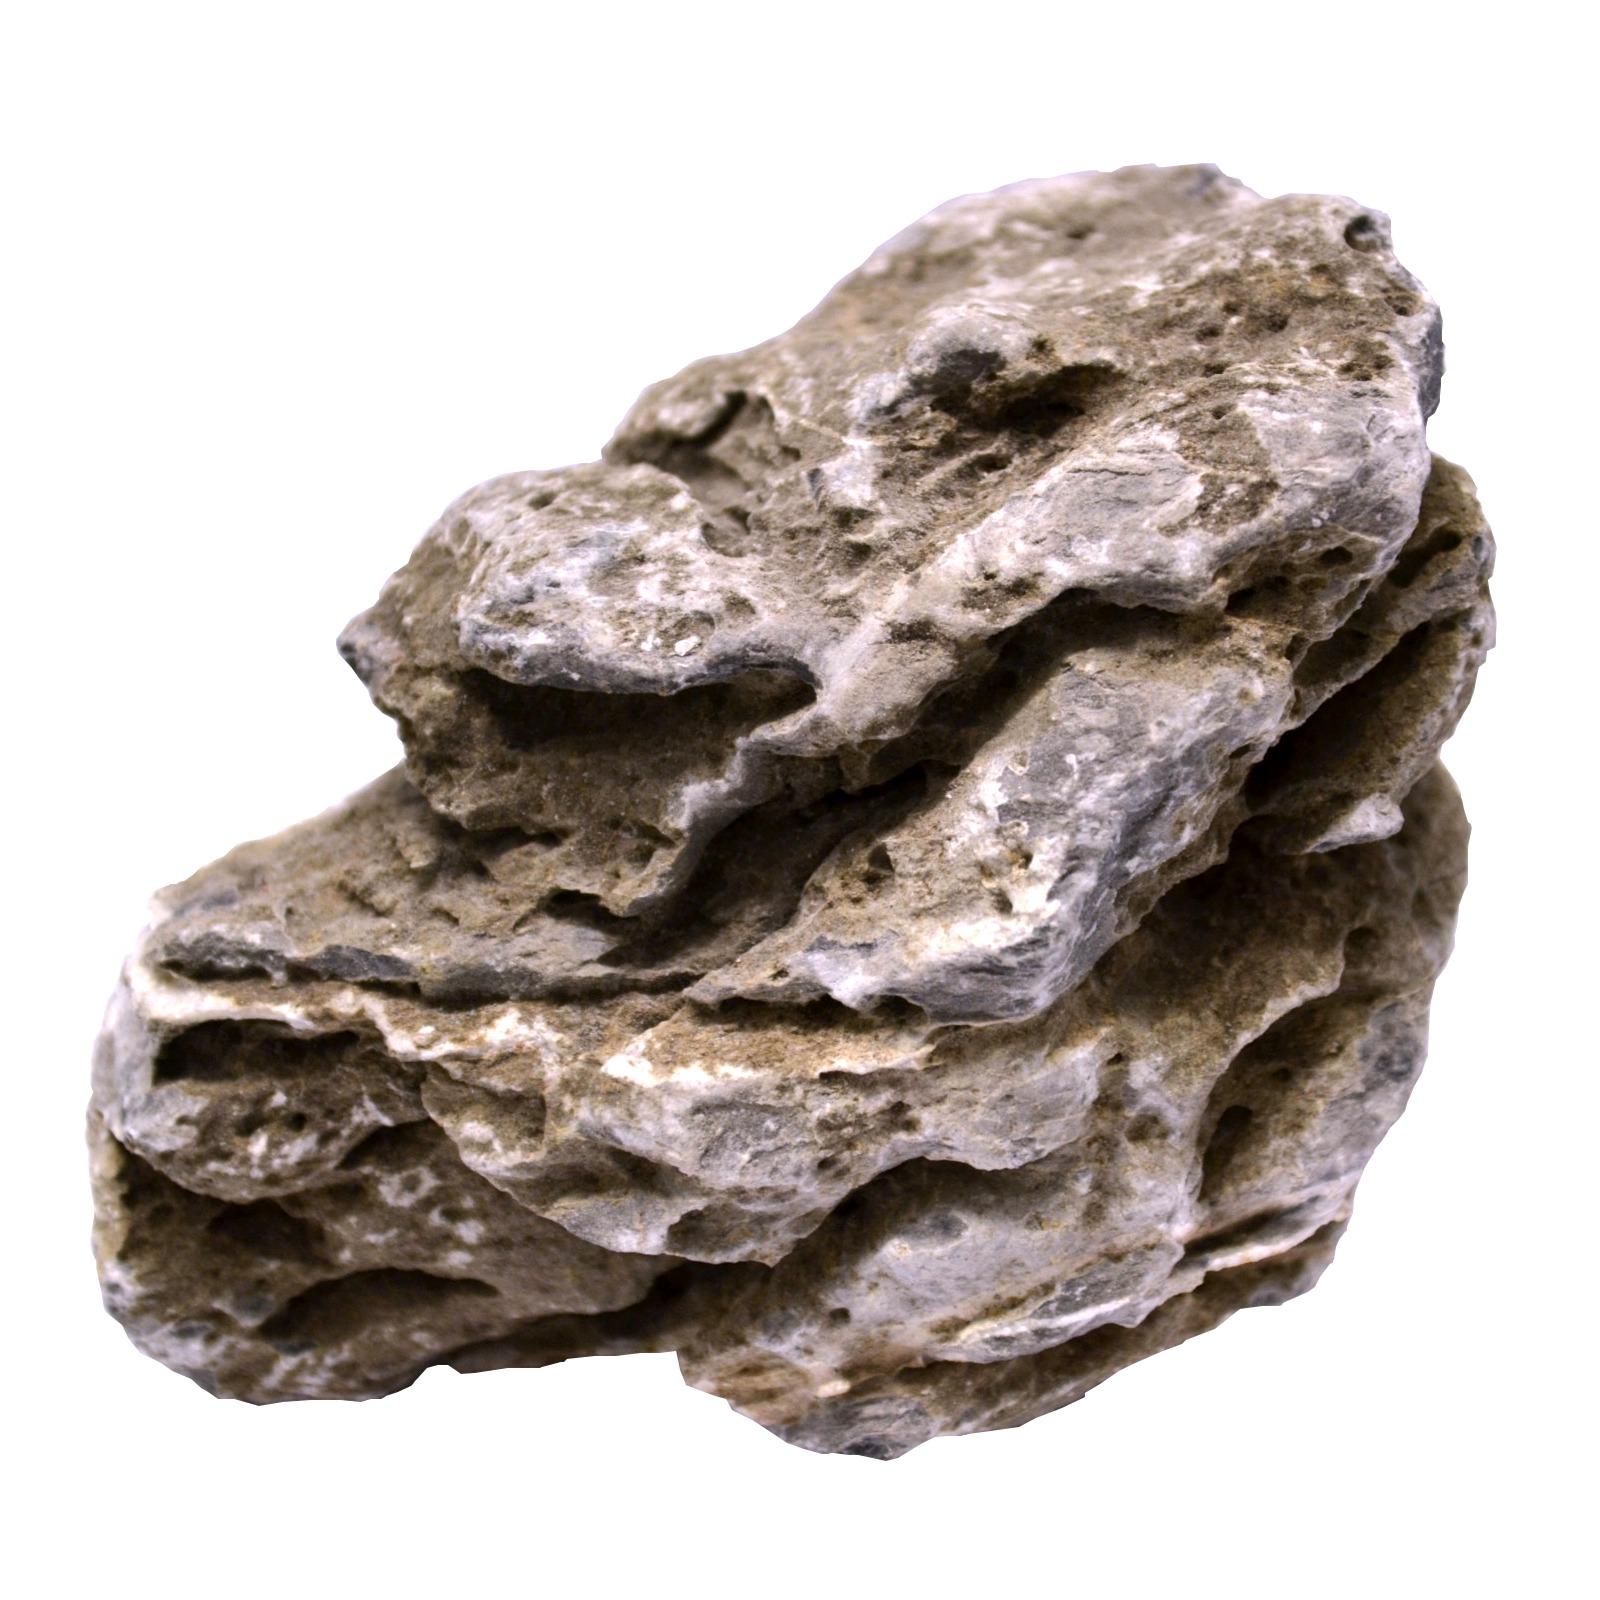 Caisse de 10 Kg de pierres naturelles Paysage 5 - 15 cm pour aquarium d\'eau douce